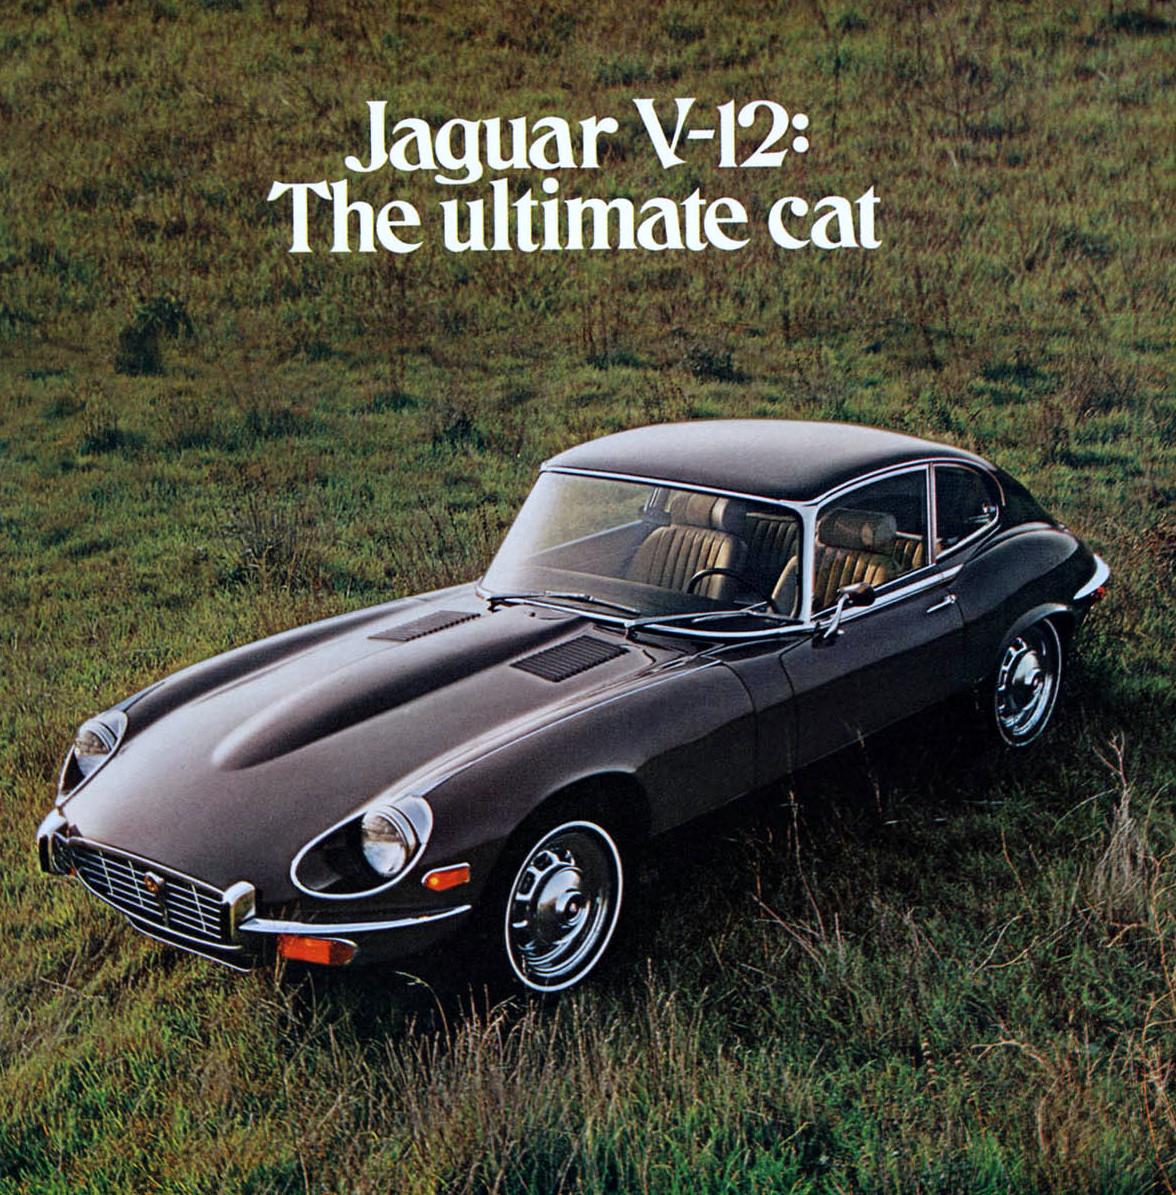 1000 images about jaguar e type on pinterest jaguar jaguar e type and jaguar coupe. Black Bedroom Furniture Sets. Home Design Ideas